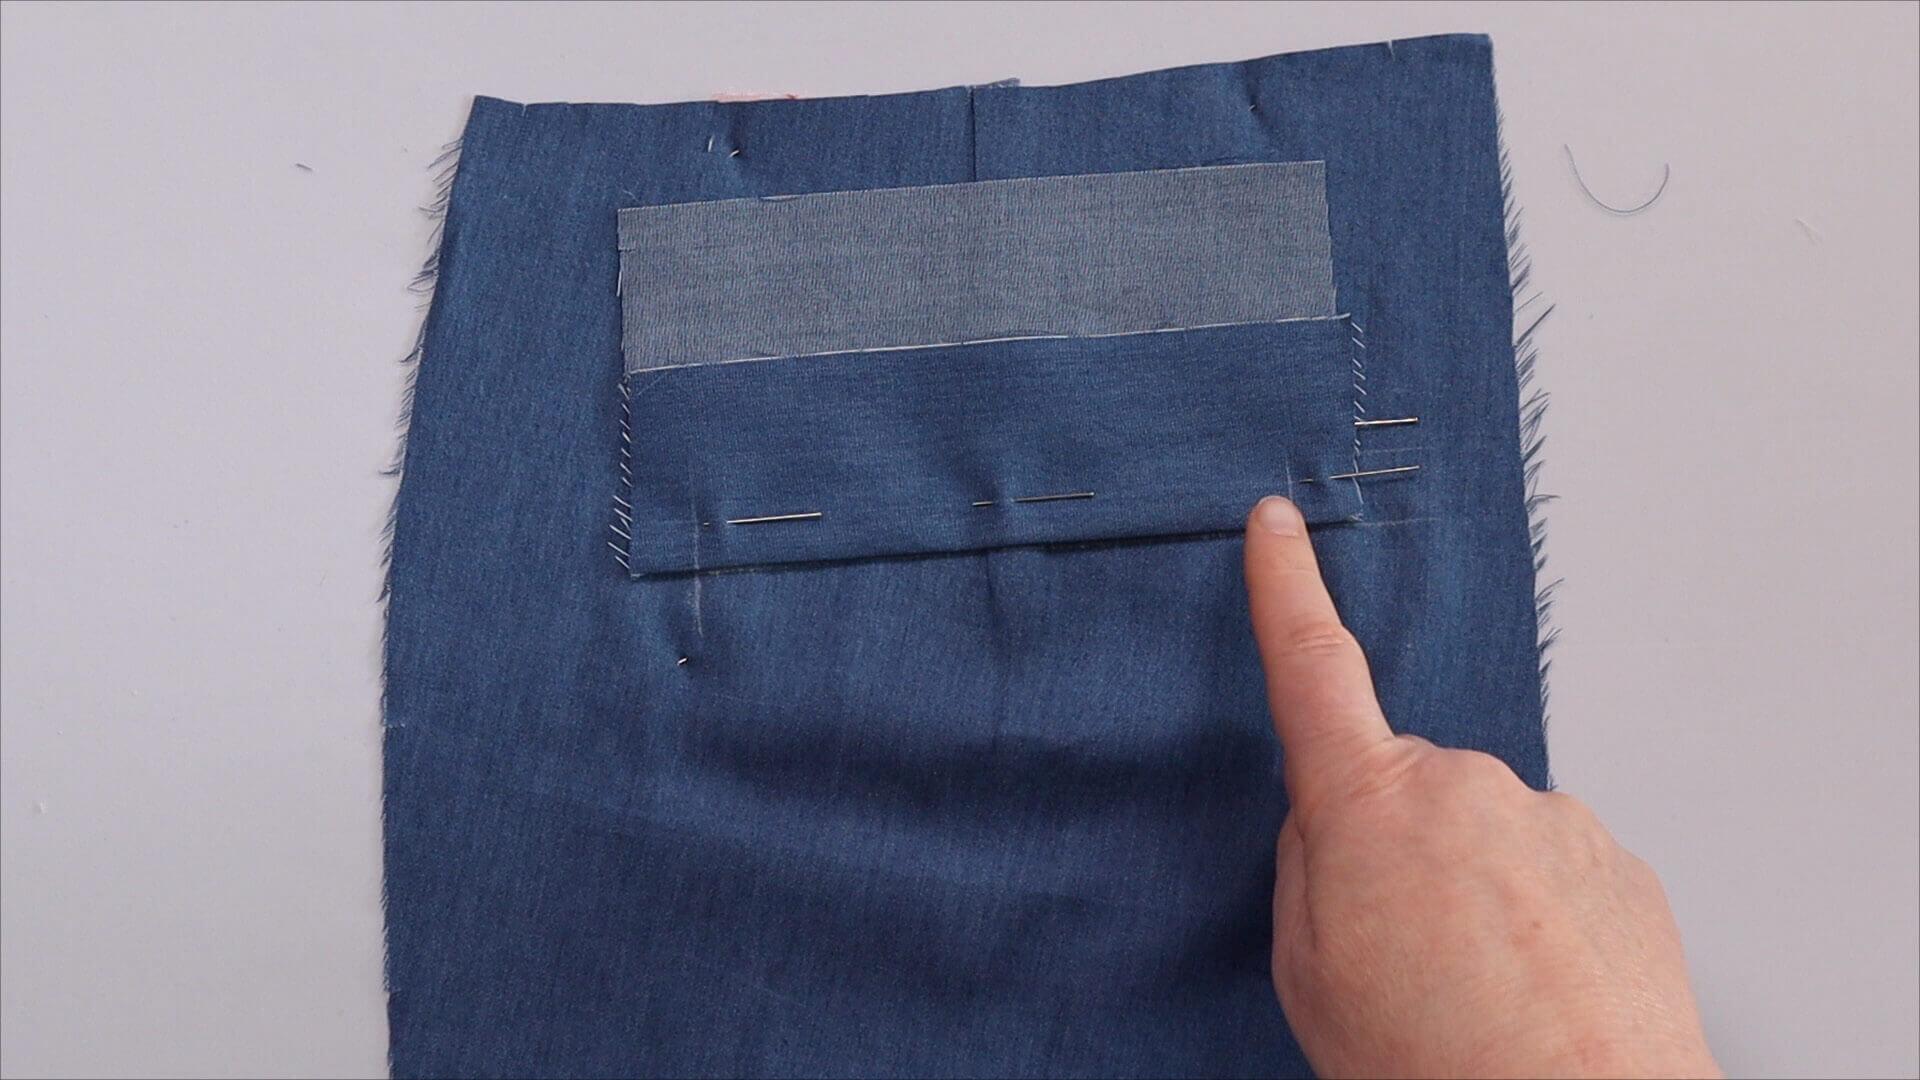 Nähanleitung einseitige Paspeltasche- Arbeitschritt: unterer Taschenpaspel Umbruch an unterer Anlegelinie platziert